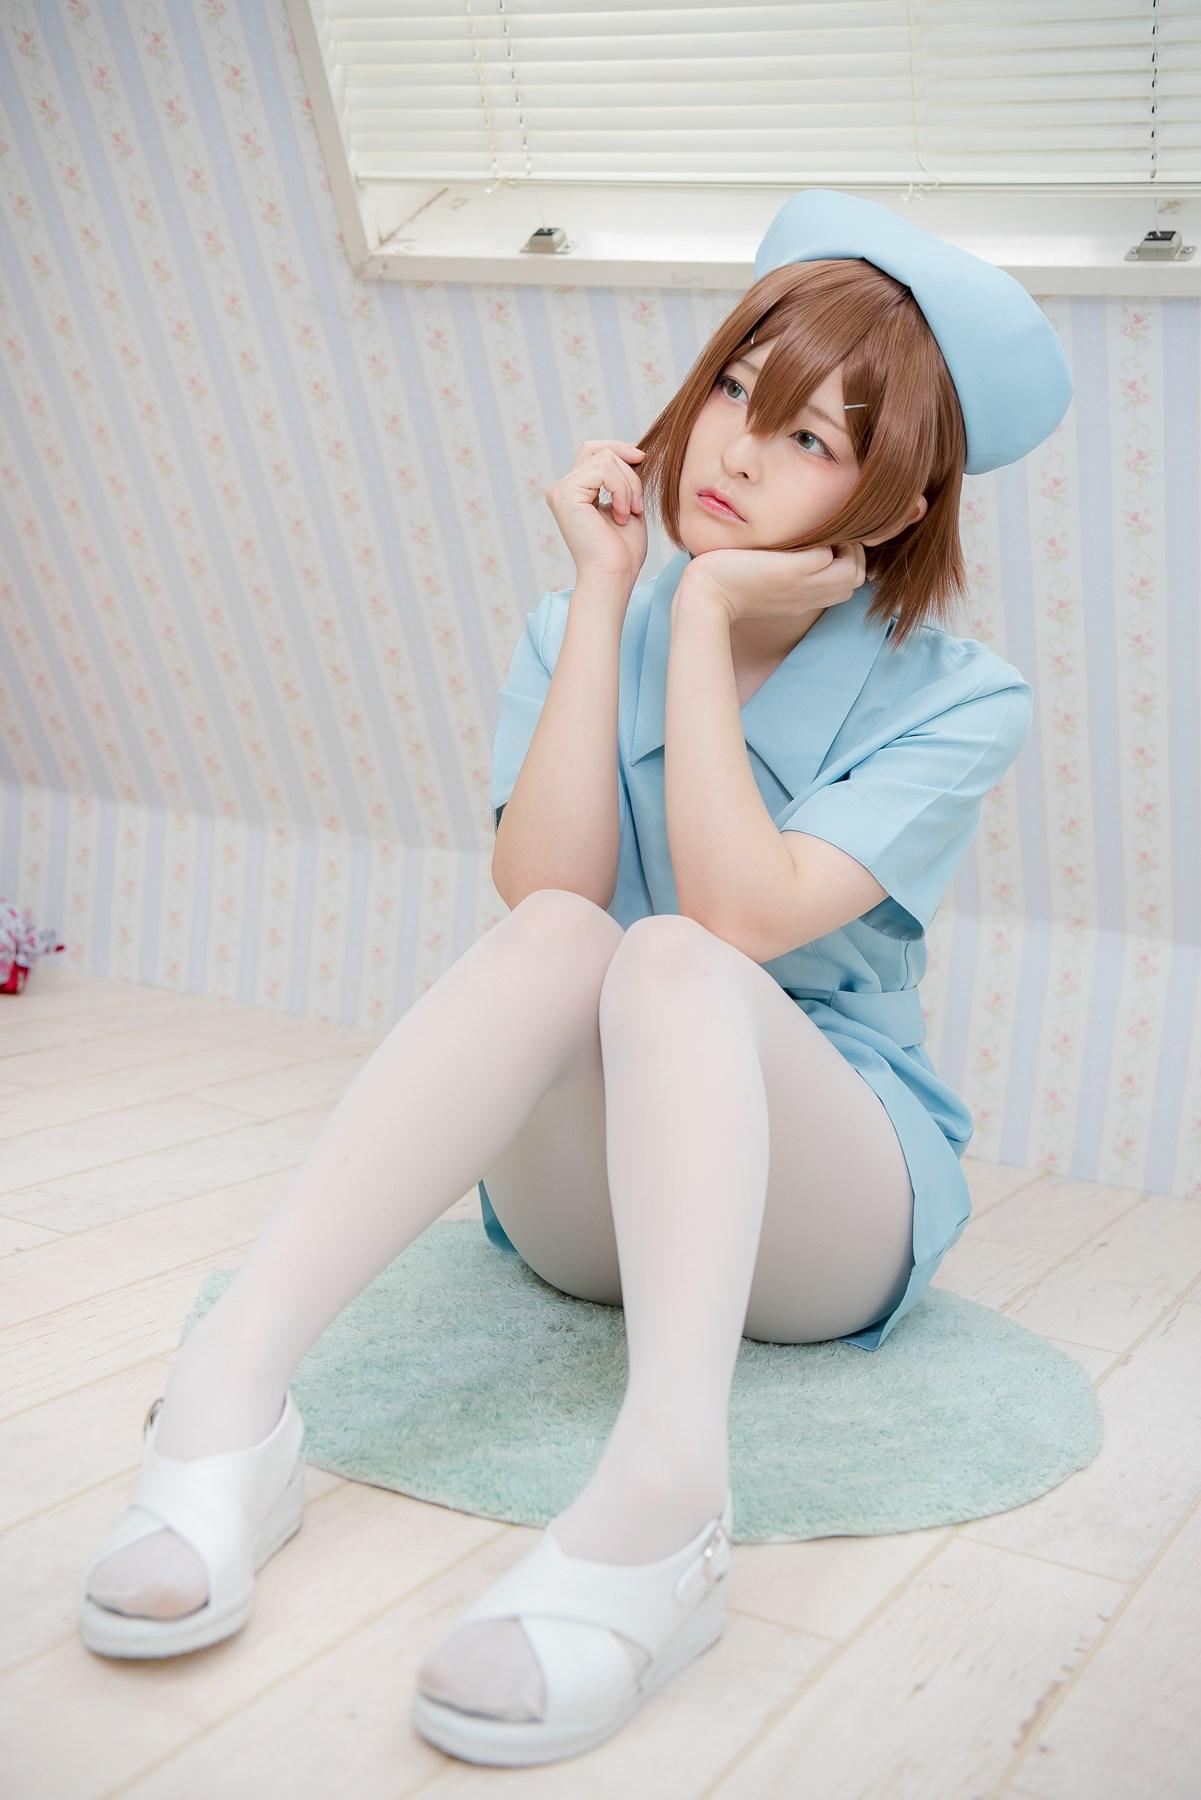 【兔玩映画】实习小护士 兔玩映画 第21张